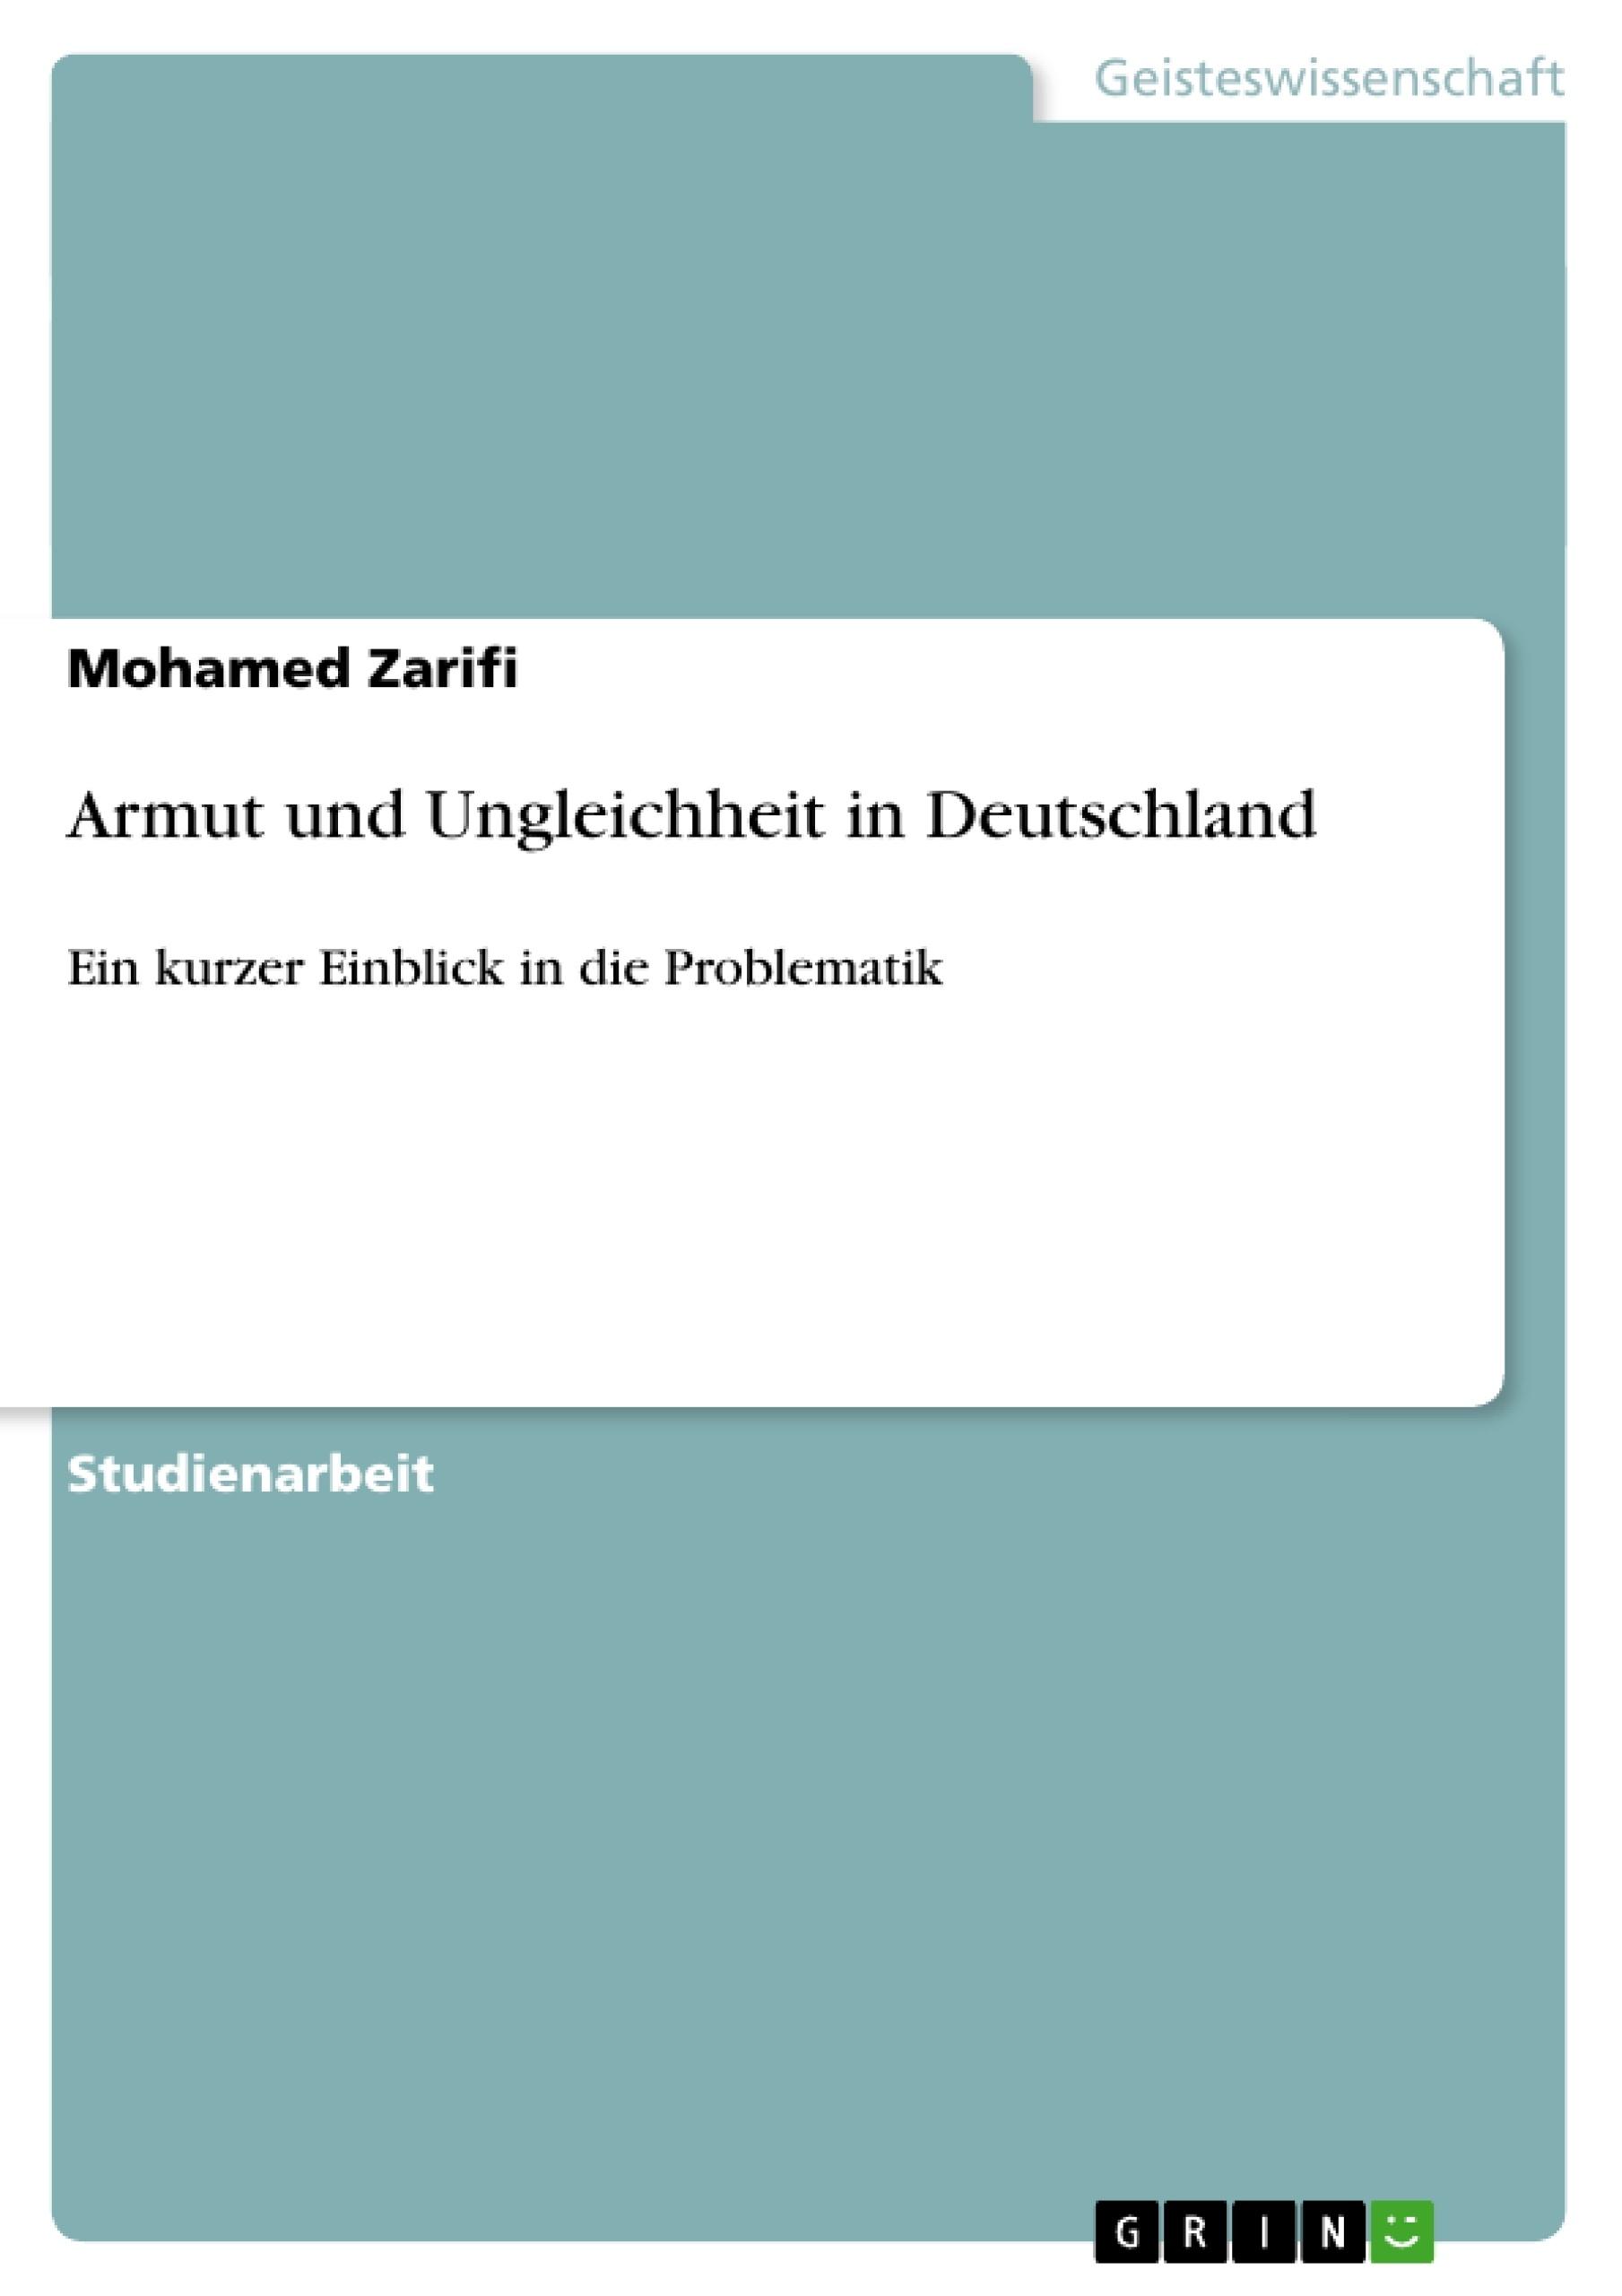 Titel: Armut und Ungleichheit in Deutschland